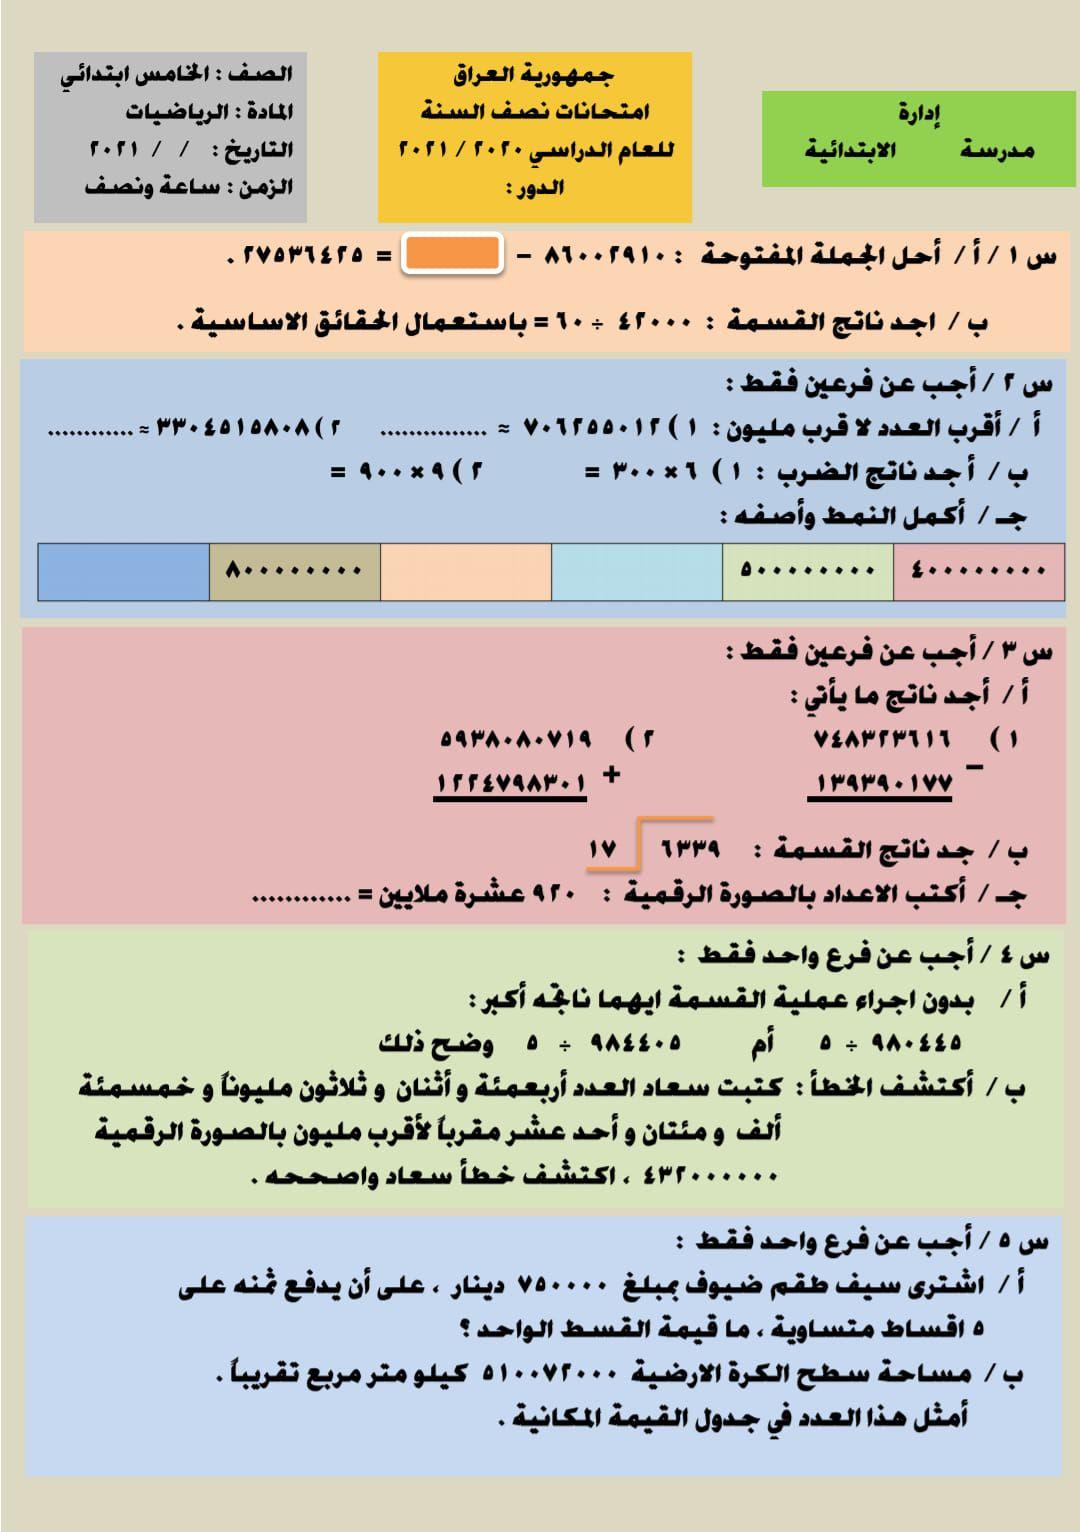 اسئلة امتحان نصف السنة 2021 رياضيات خامس ابتدائي اهلا بكم متابعي موقع وقناة الاستاذ احمد مهدي شلال في هذا الموضوع سنعرض لكم شرح كامل عن In 2021